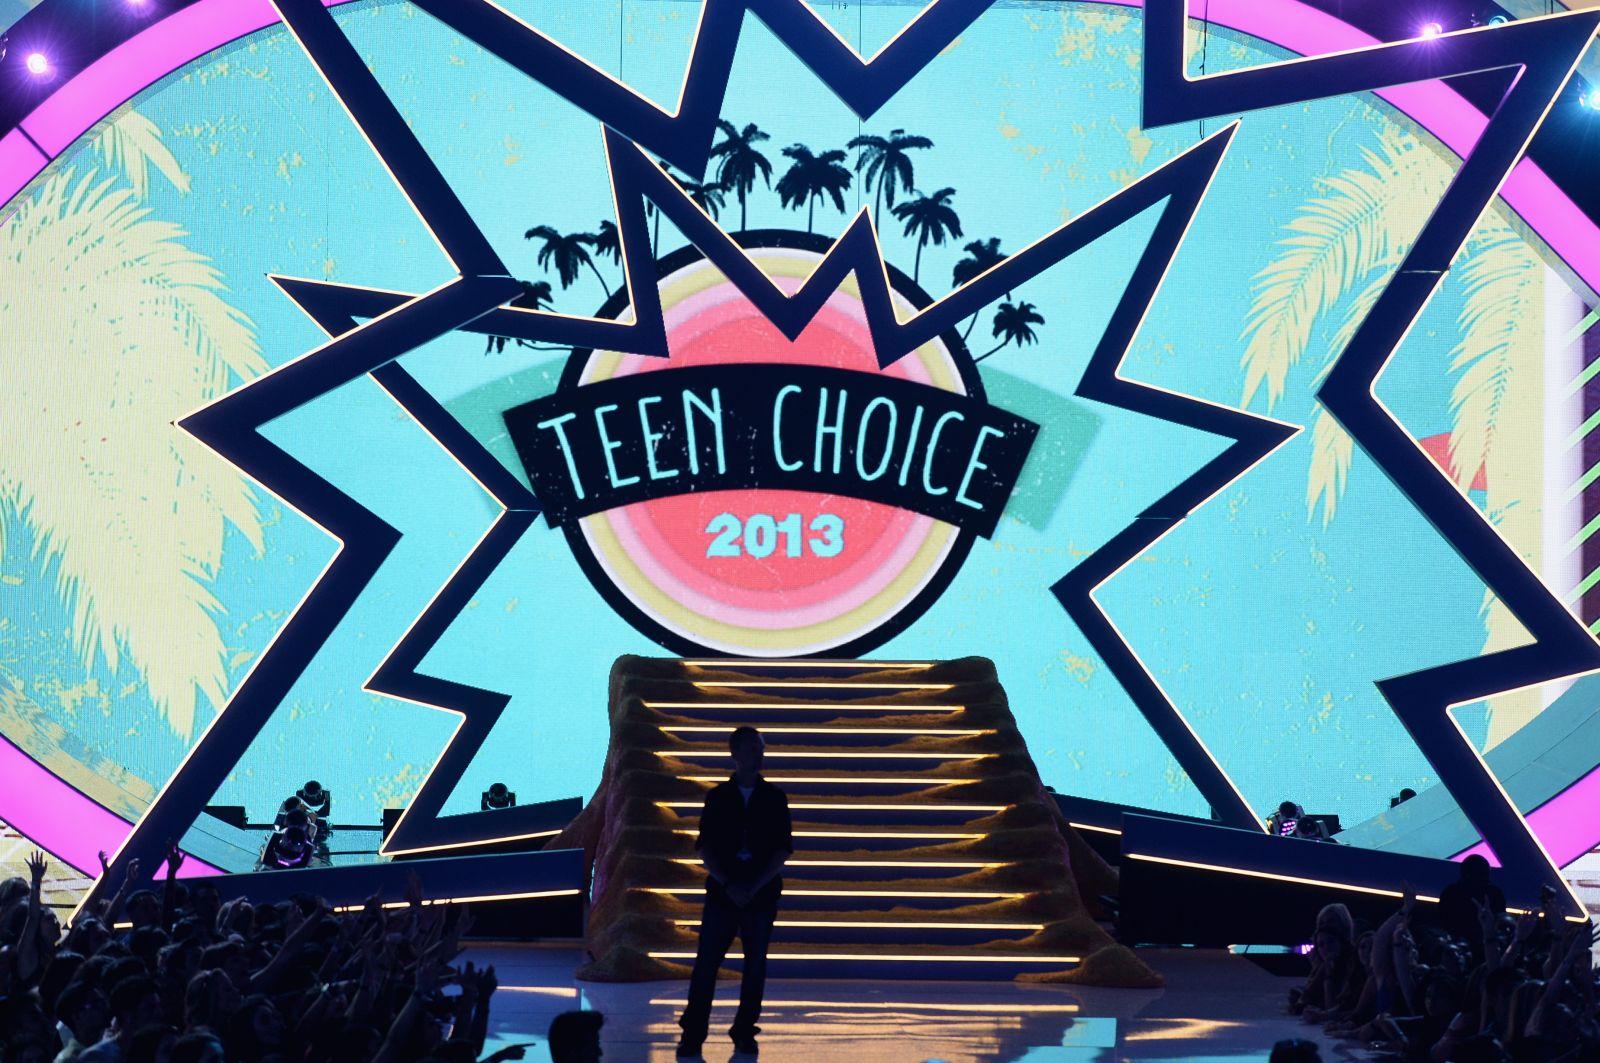 Teen Choice Awards-2013: красная дорожка и победители - фото №1